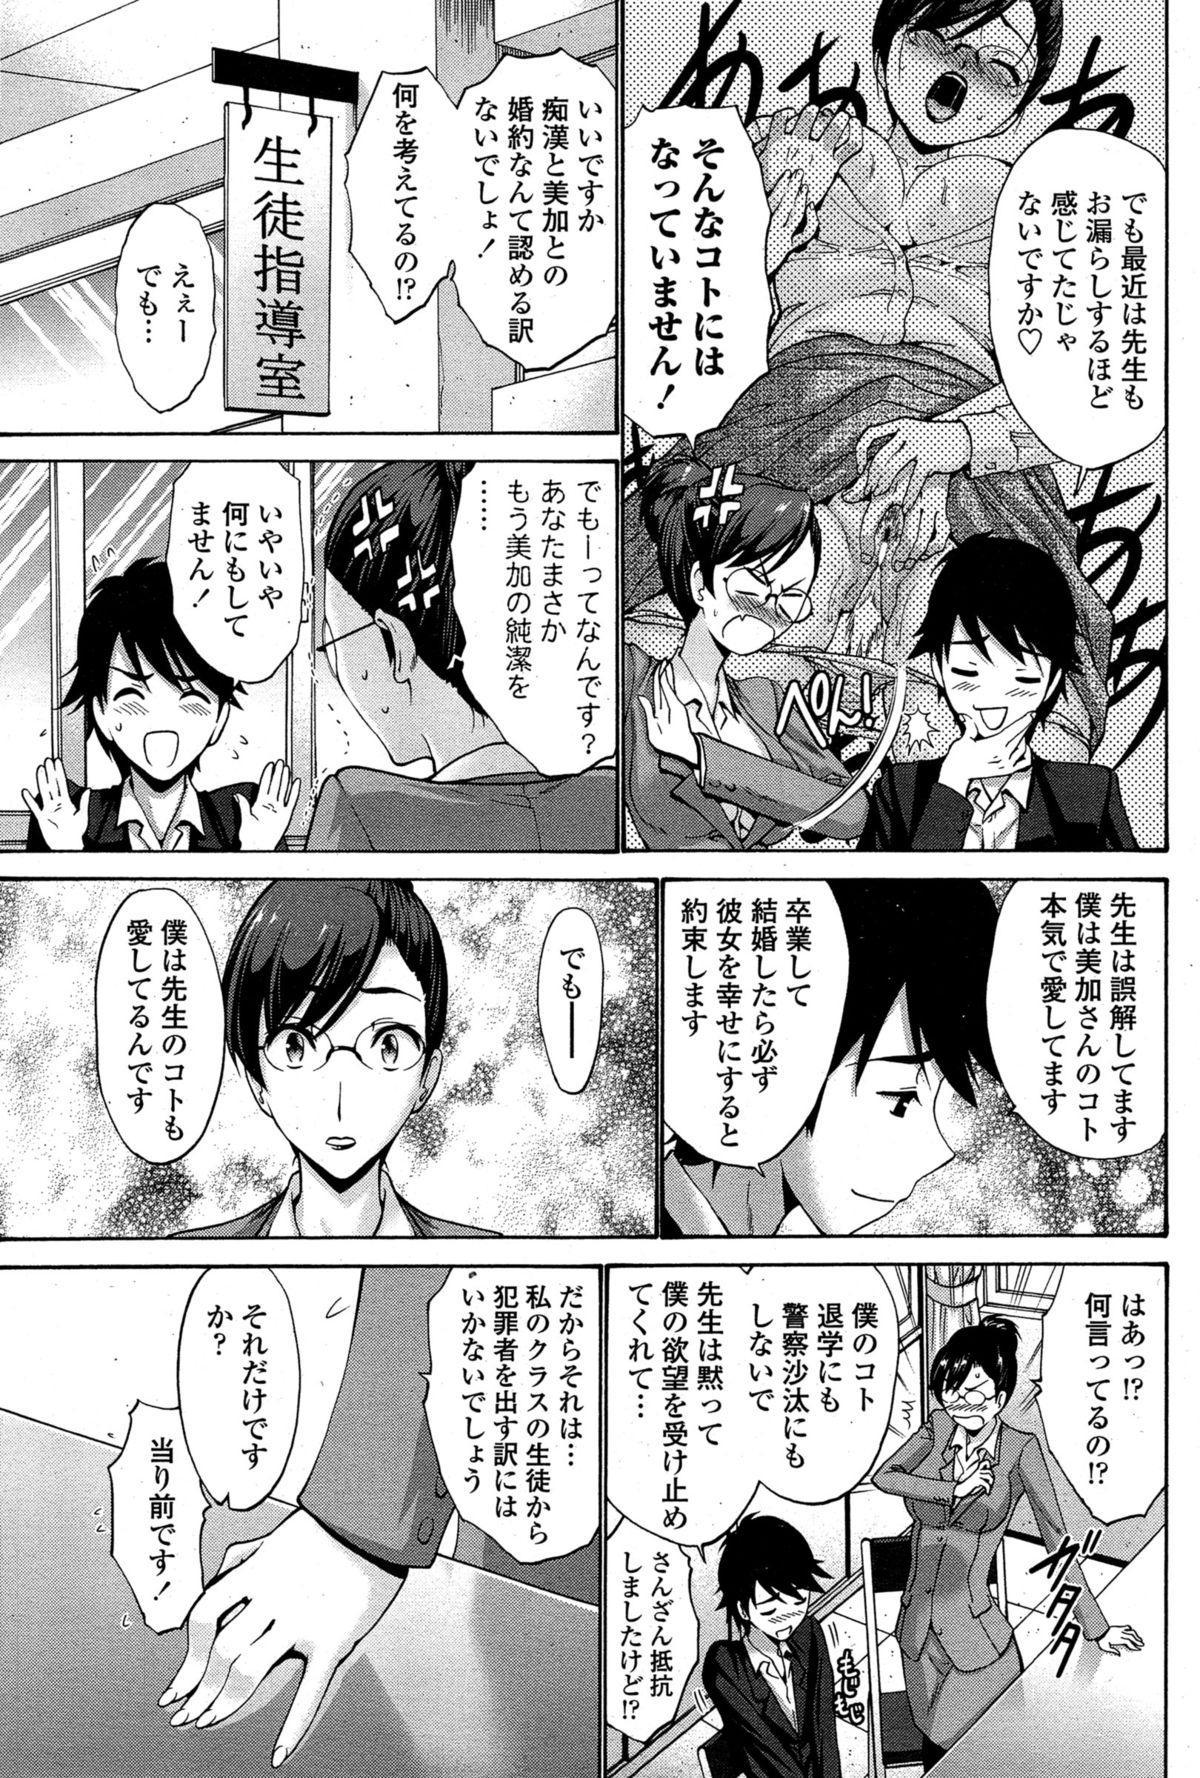 Musume no Kare 4